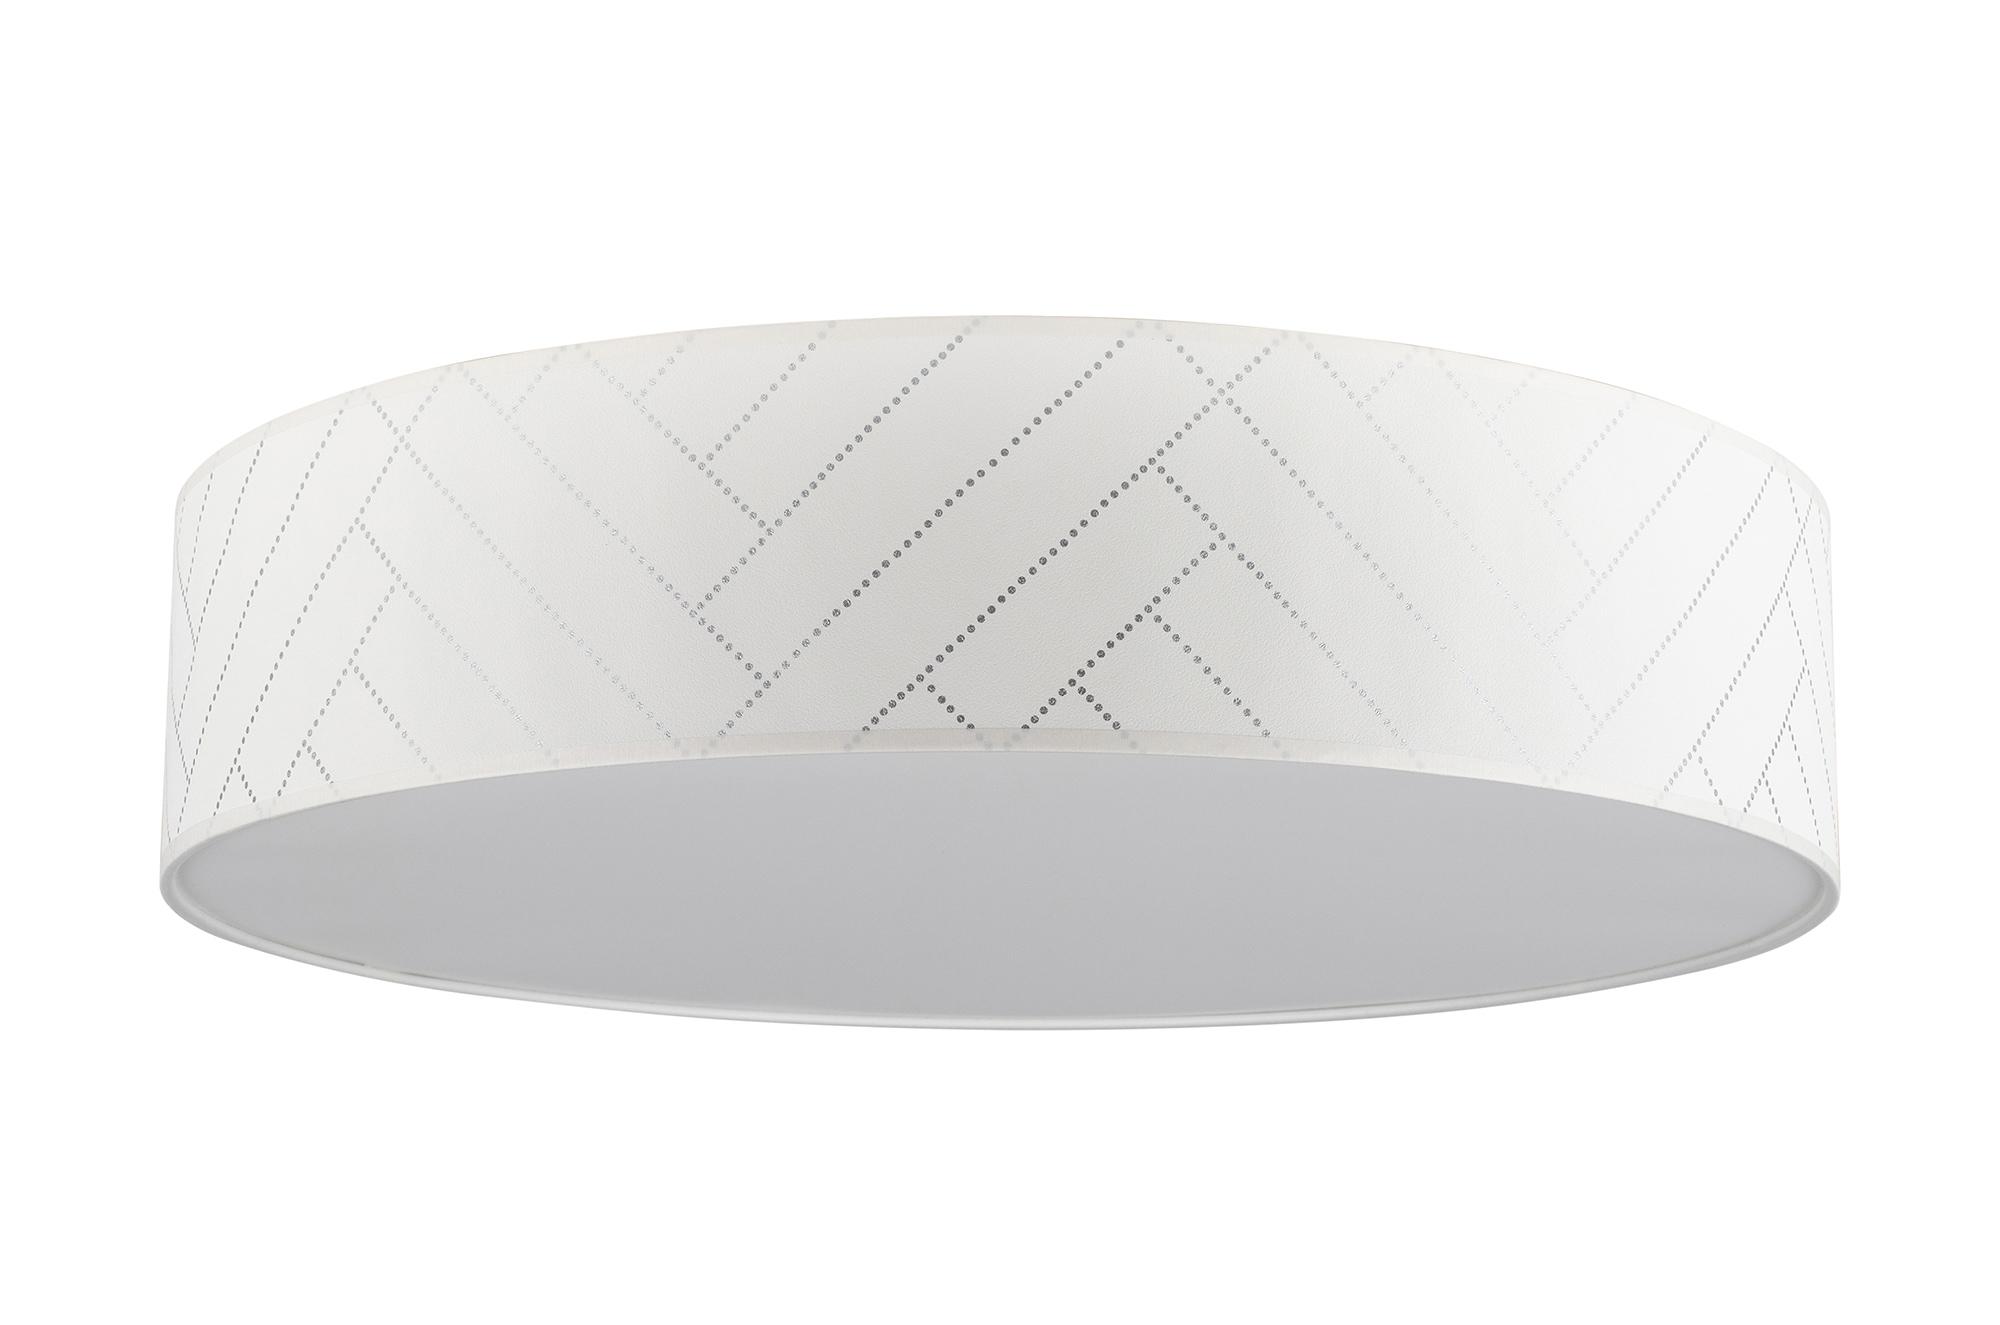 BRITOP LIGHTING Deckenleuchte PUNTO, E27, Lampenschirm befestigt an Magneten - einfache Montage und Reinigung, aus laminierter Tapete mit Blende, Passende LM E27 / exklusive, Made in Europe